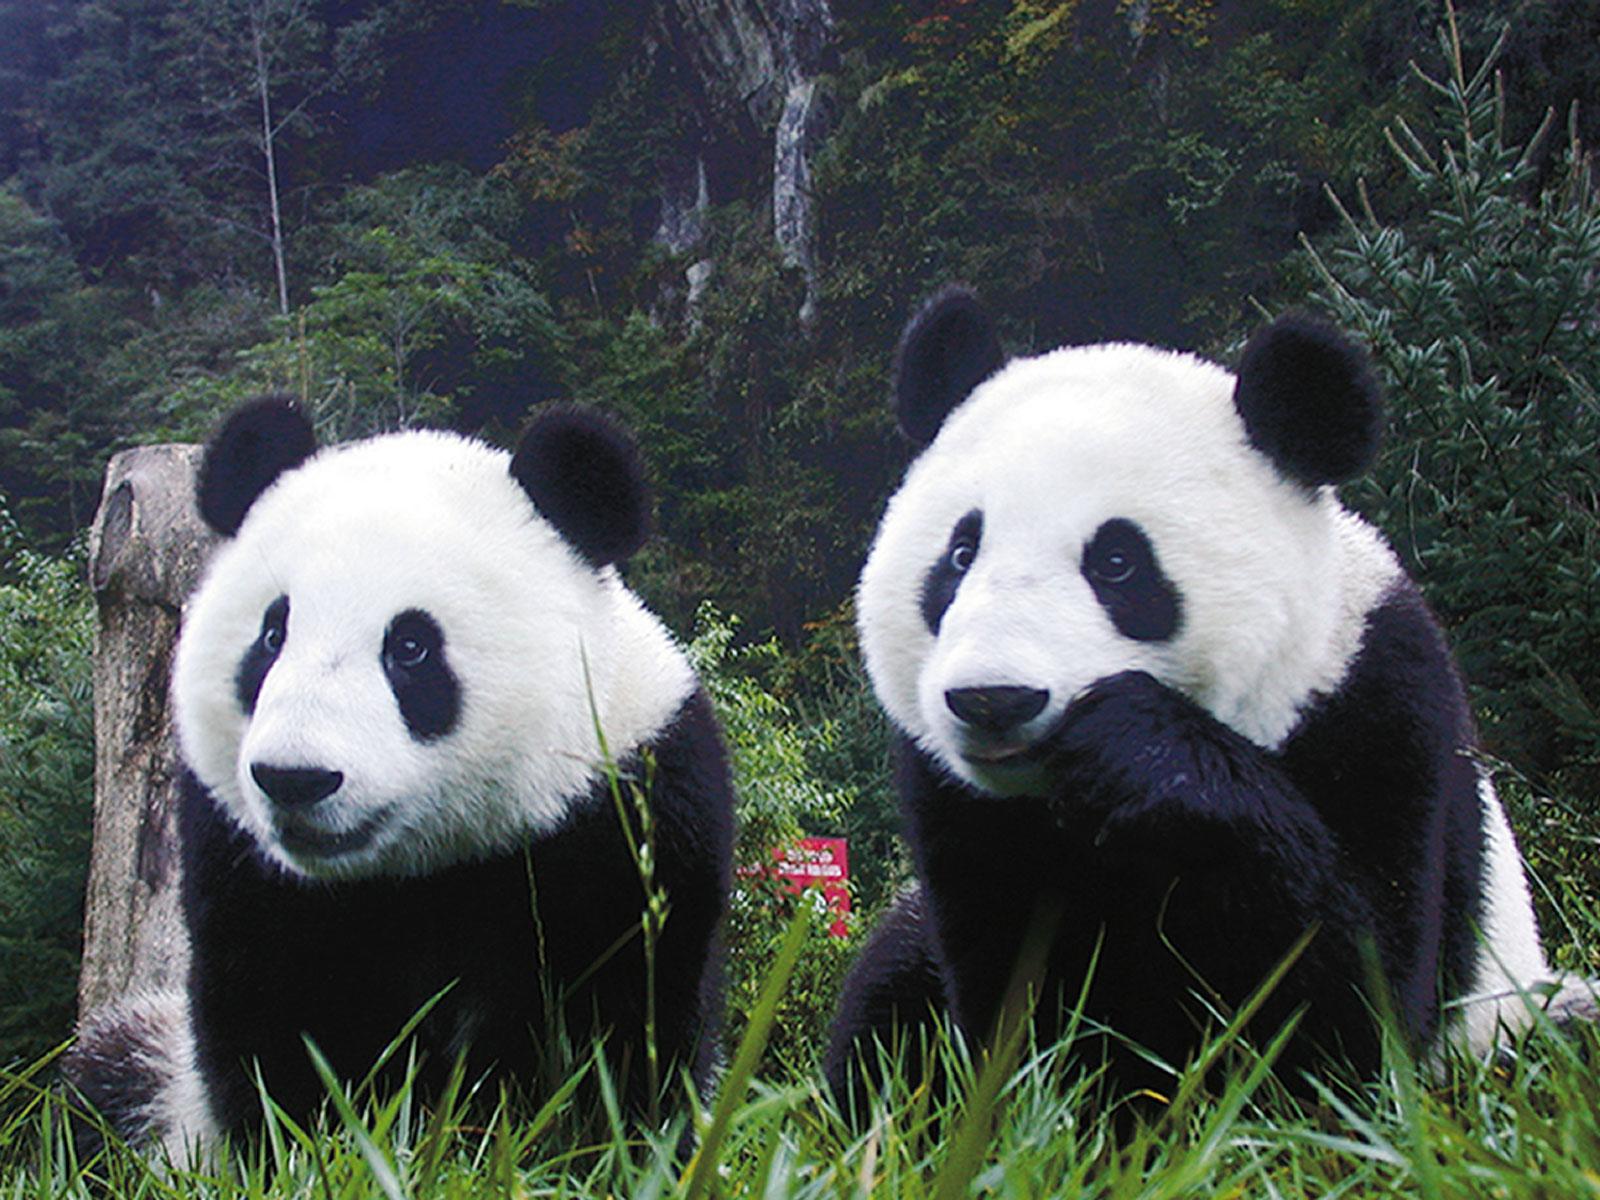 Las mejores Fotos de animales [nunca antes vistas] - Taringa!